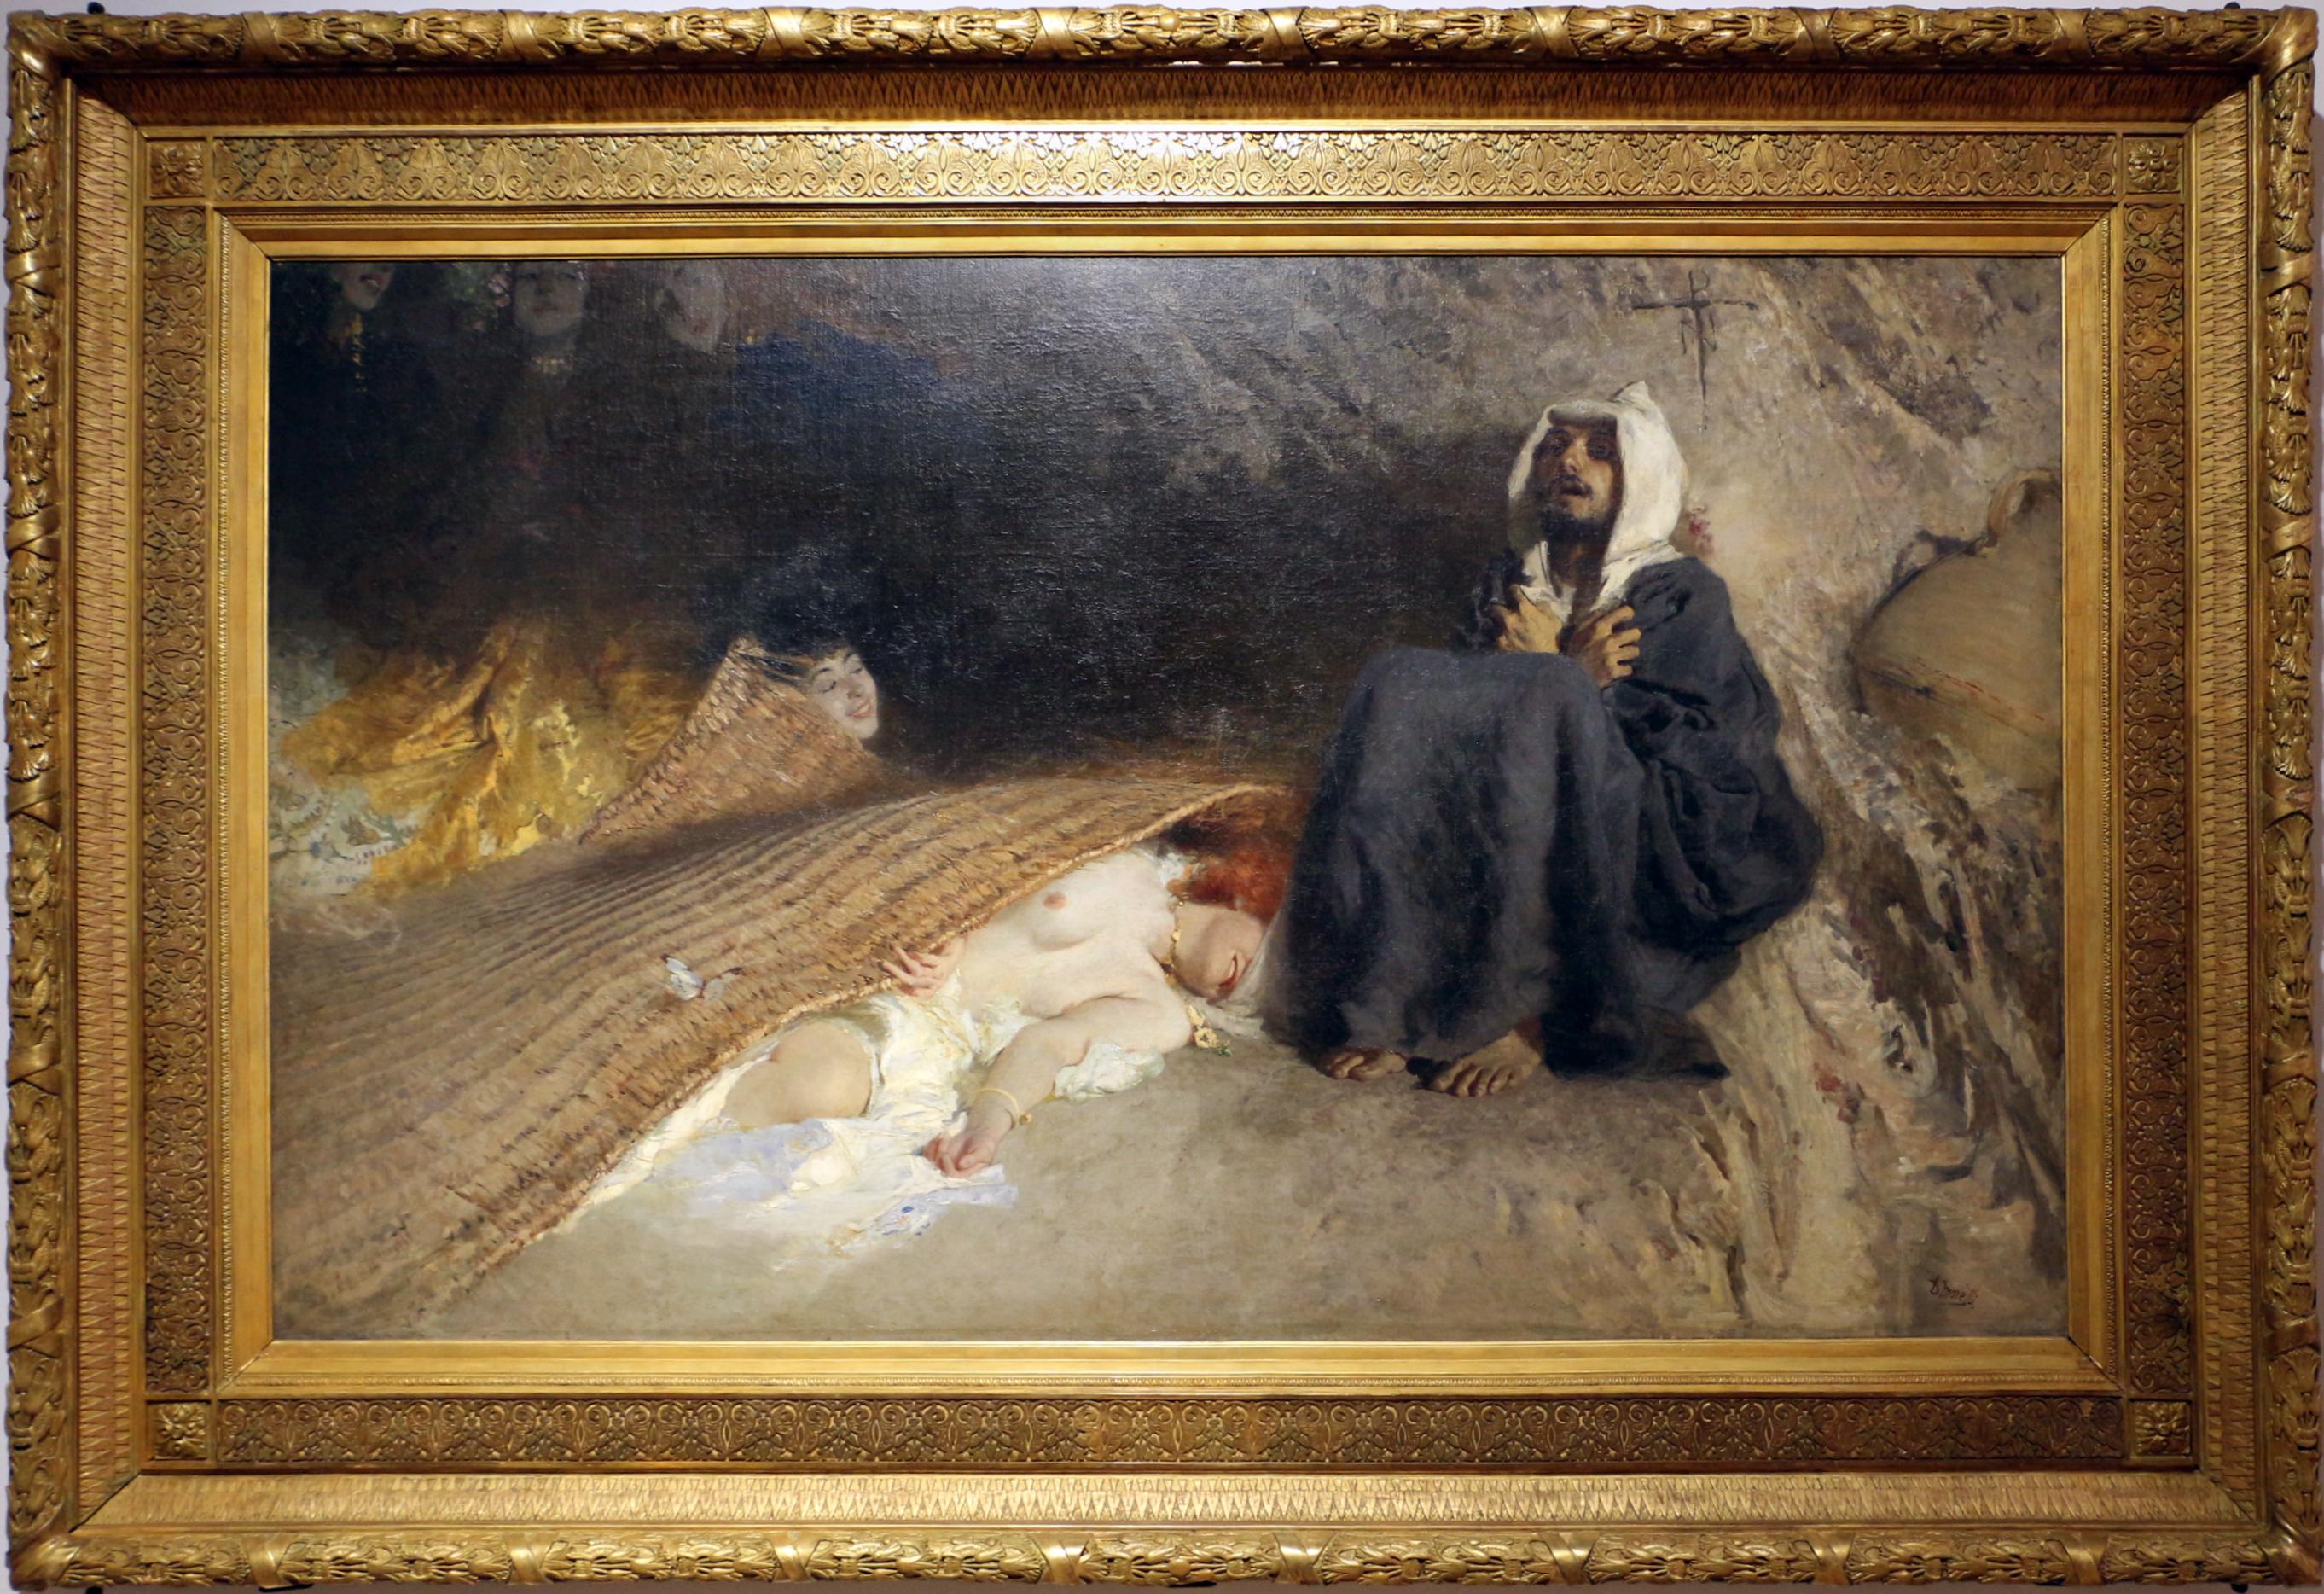 File:Domenico morelli, le tentazioni di sant'antonio, 1878